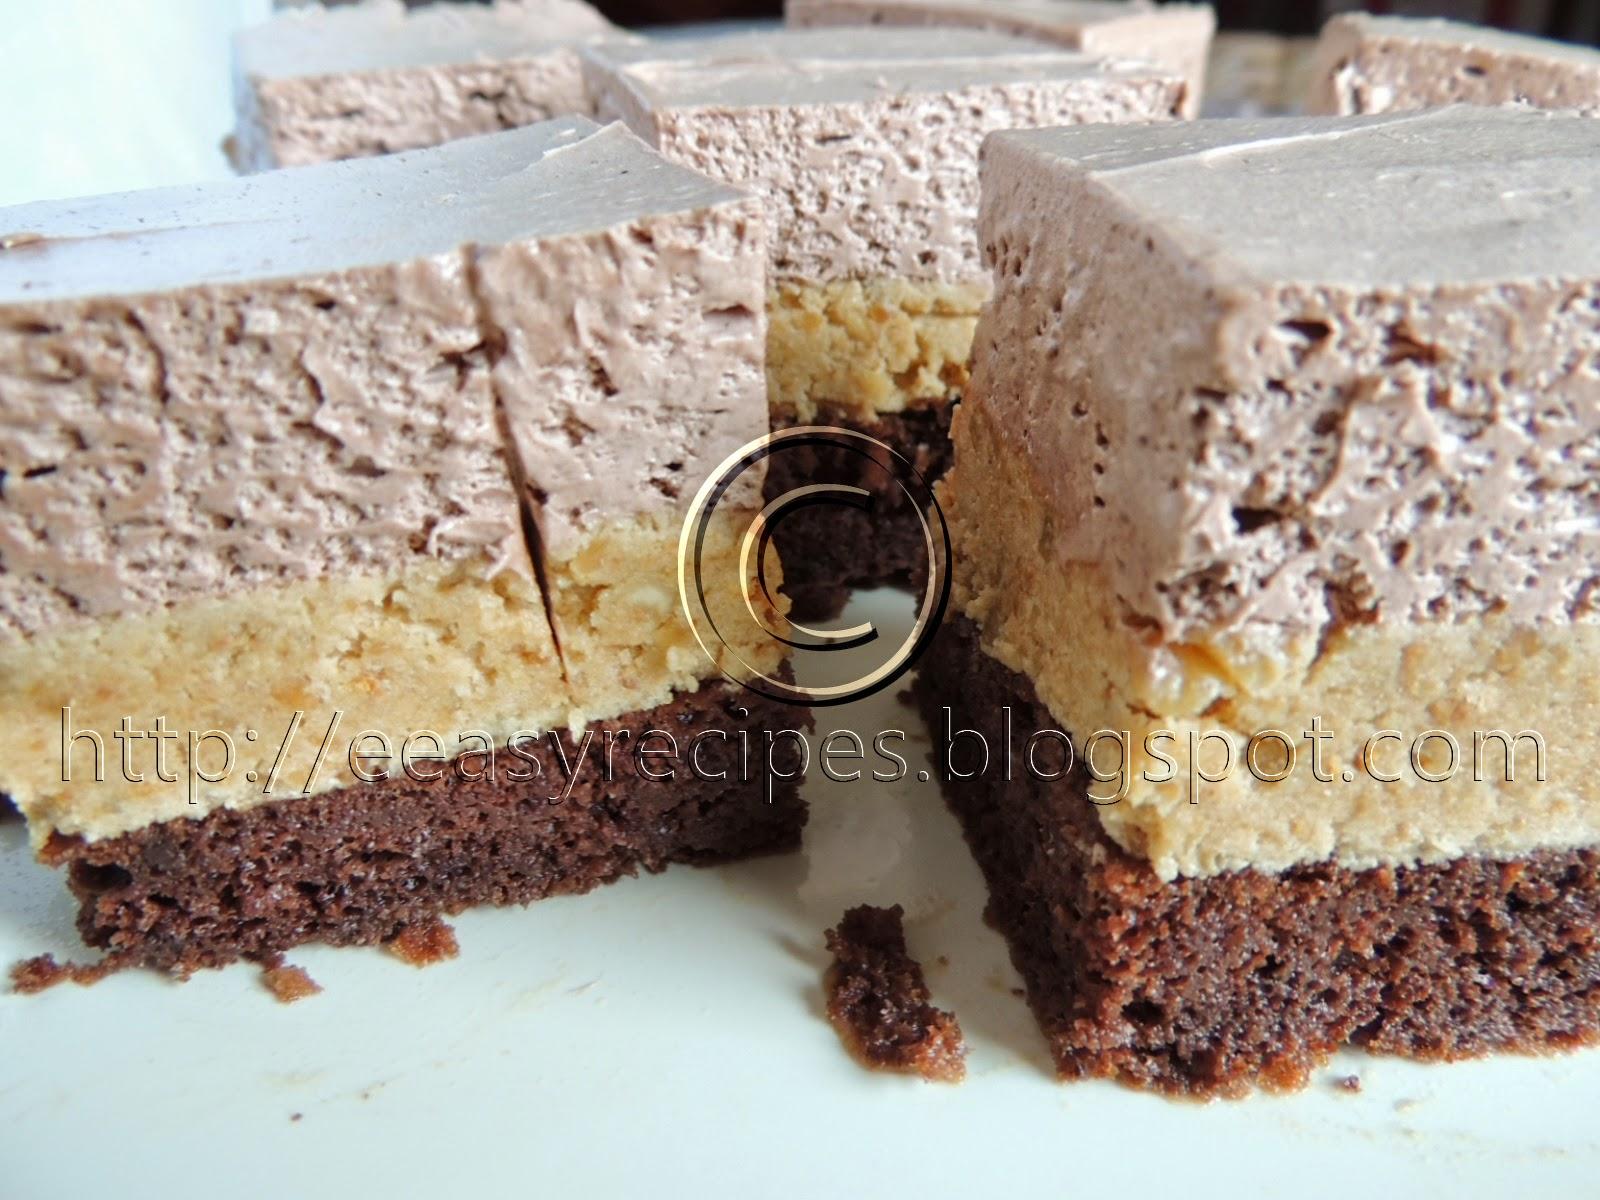 Peanut biscut cake